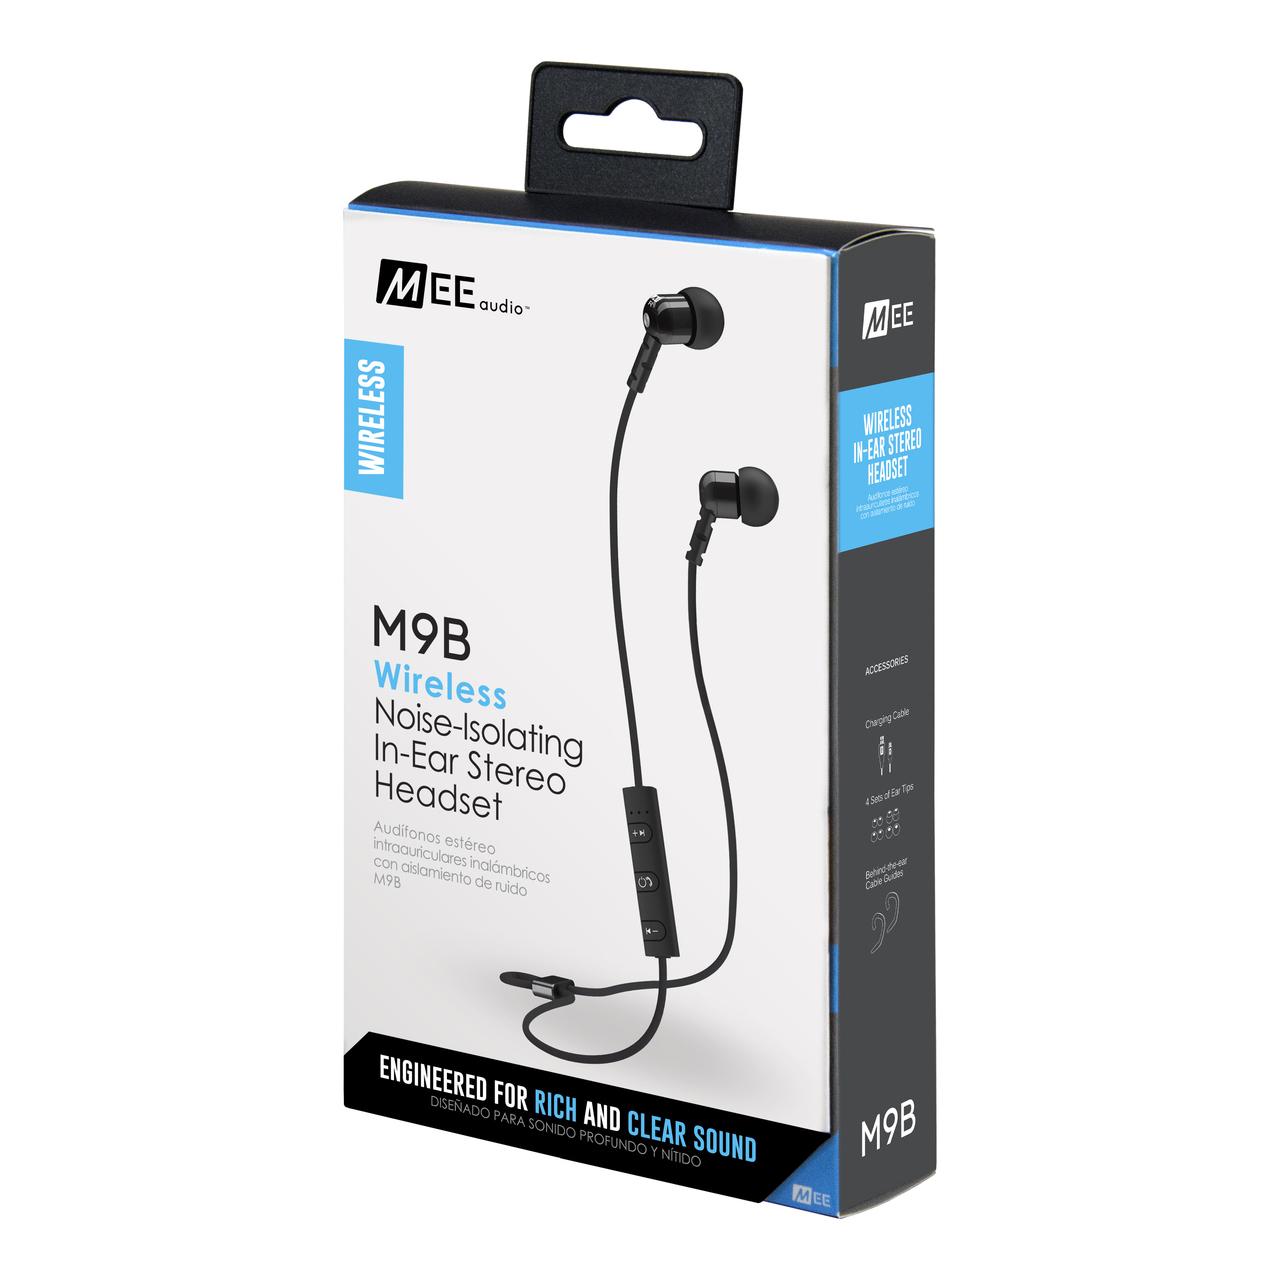 หูฟัง MEElectronics (Mee Audio) M9B Bluetooth Inear บลูทูธ ไร้สาย เบสหนักแน่น ใส่สบาย รายละเอียดเสียงสุดยอด